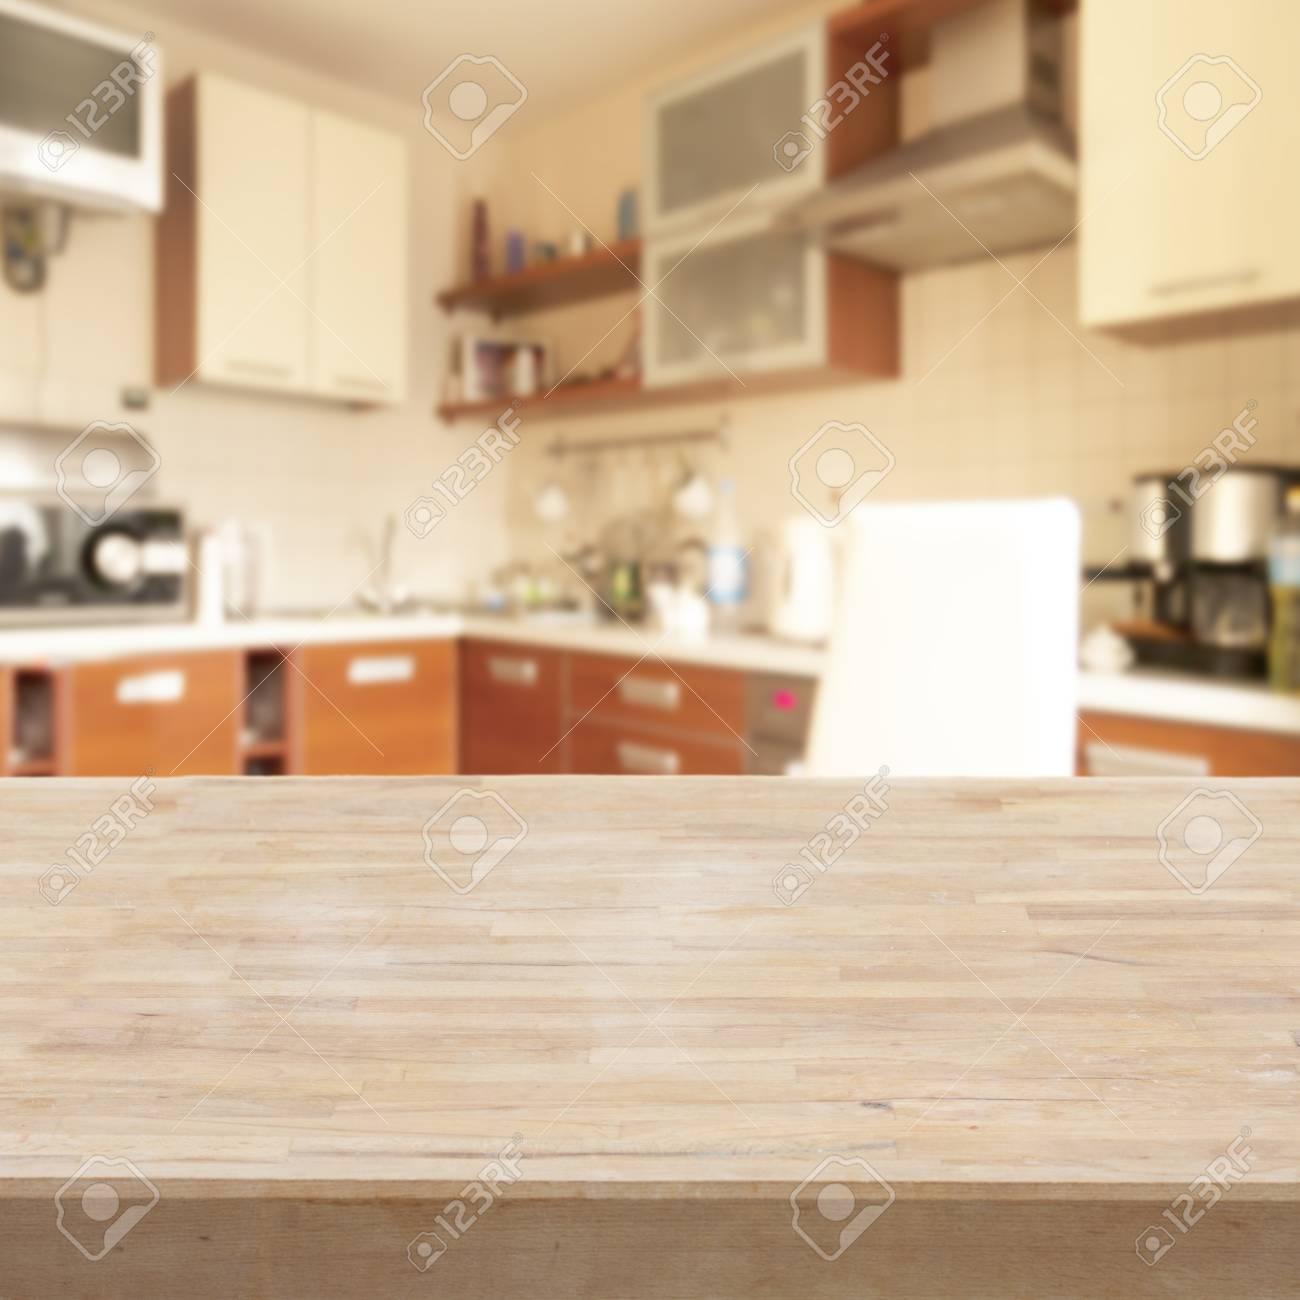 Mesa de madera vacío en una cocina moderna ligera